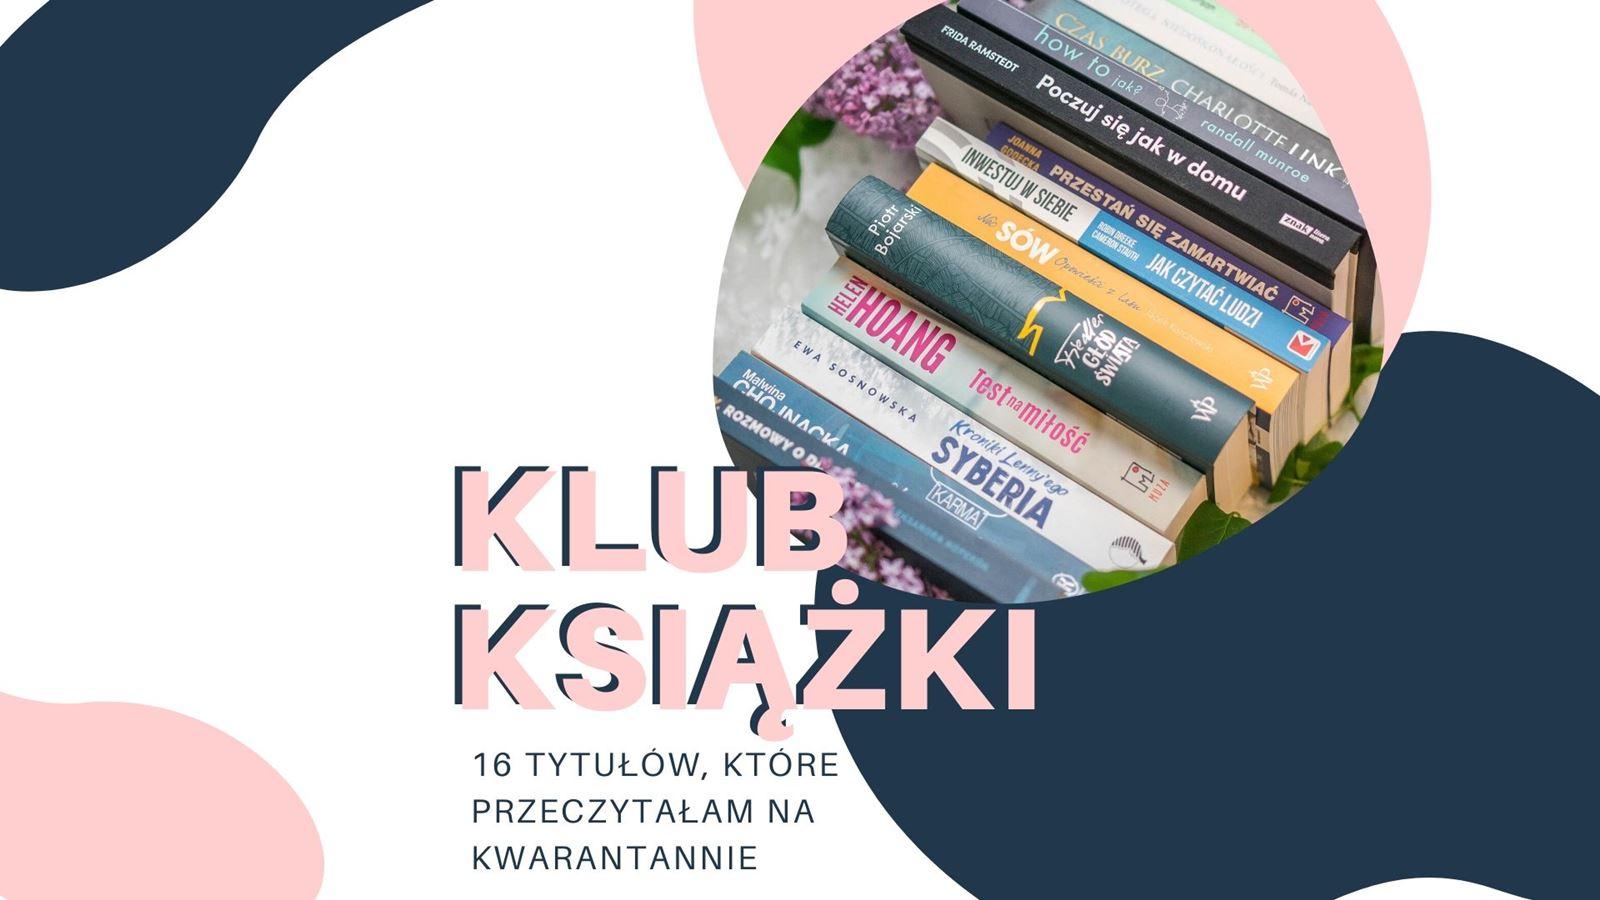 1 recenzje ksiazek wydawnictwo muza czwarta strona książnica novae res insignis